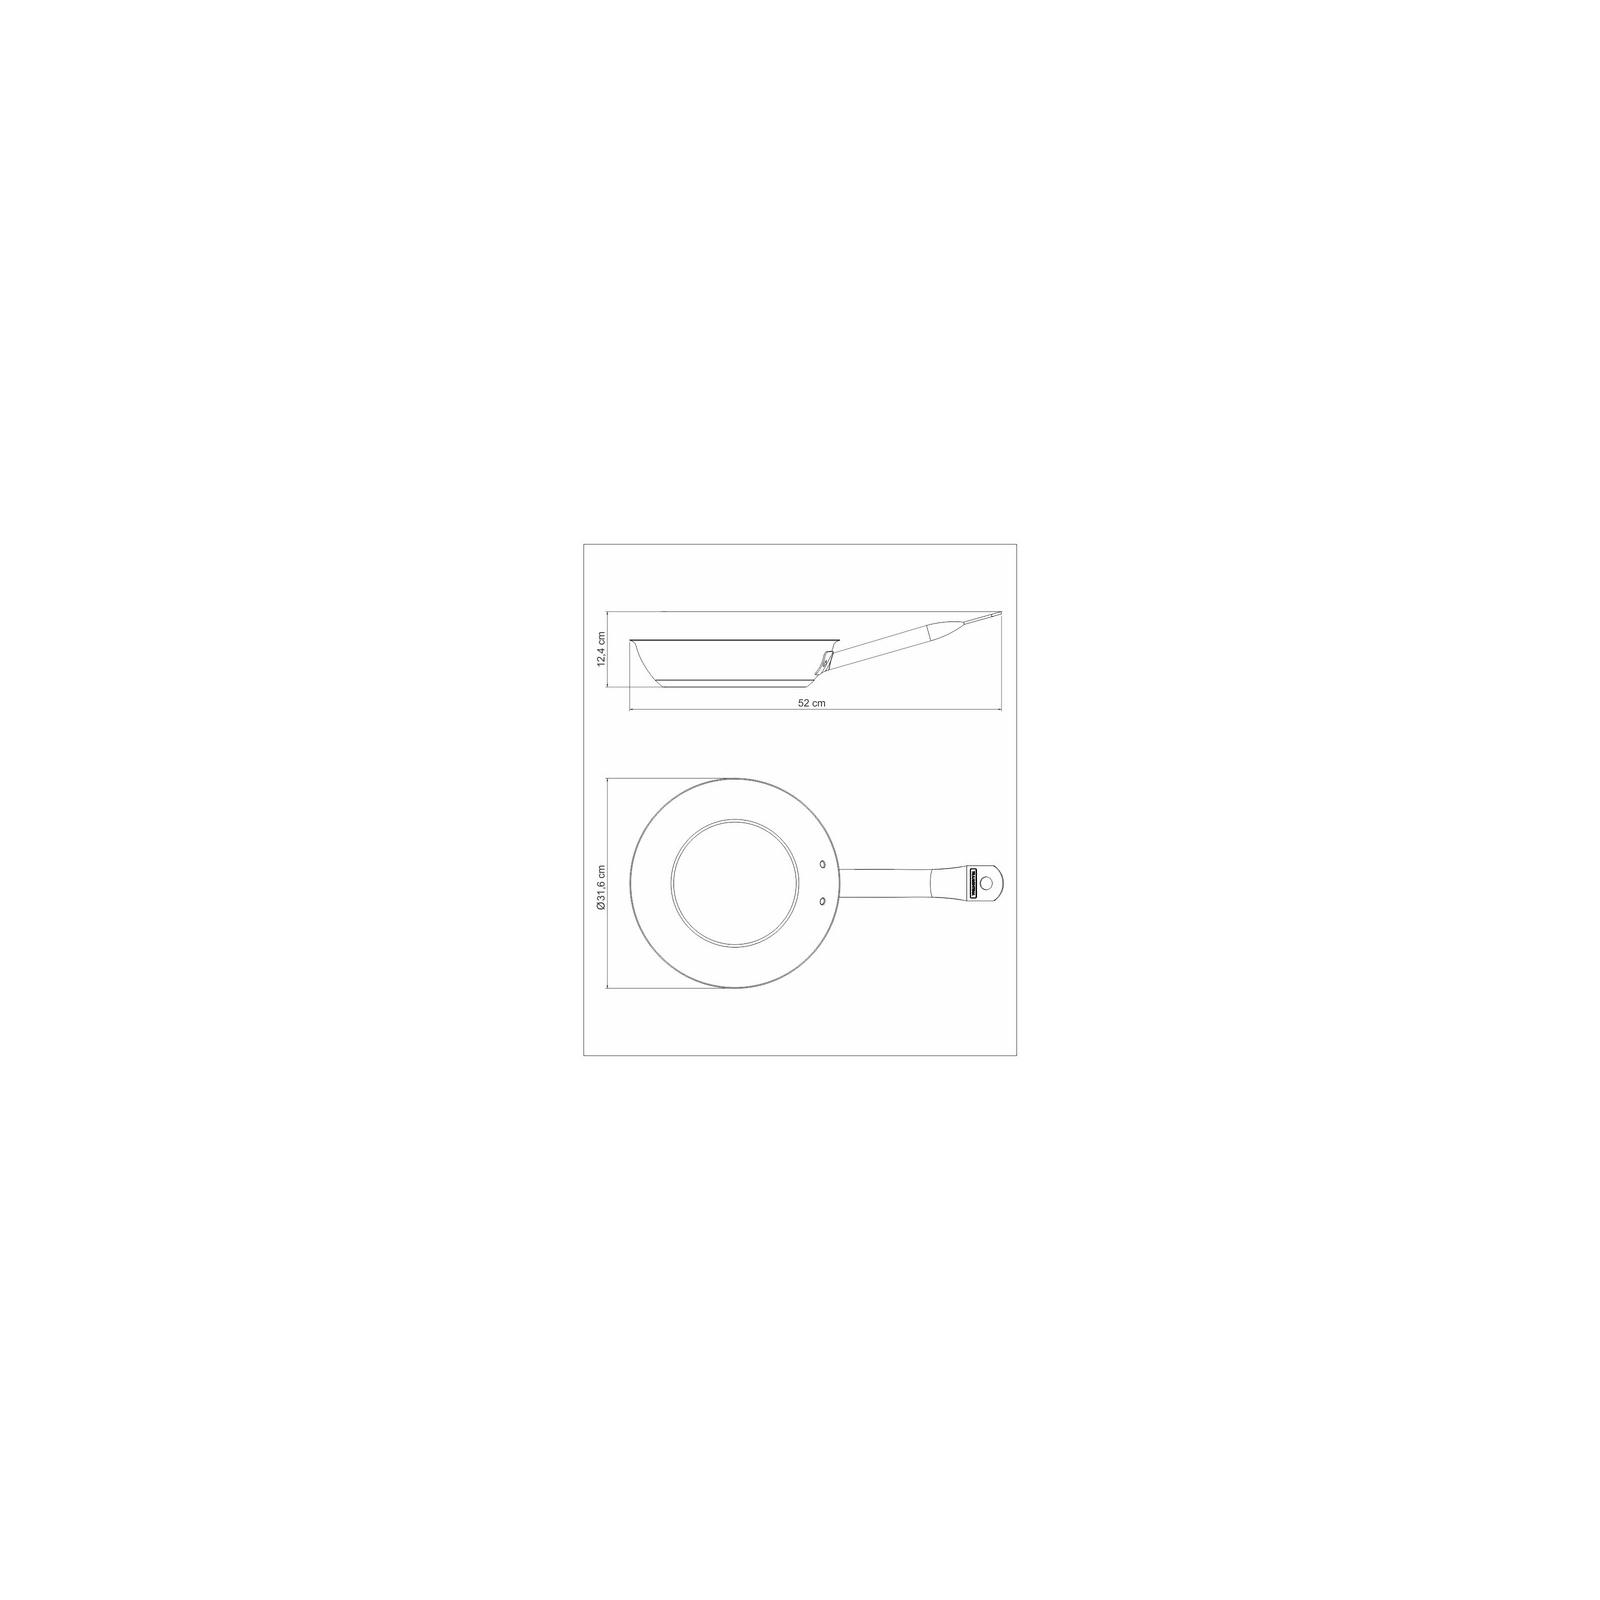 Сковорода Tramontina Professional 20 см (62637/207) изображение 2